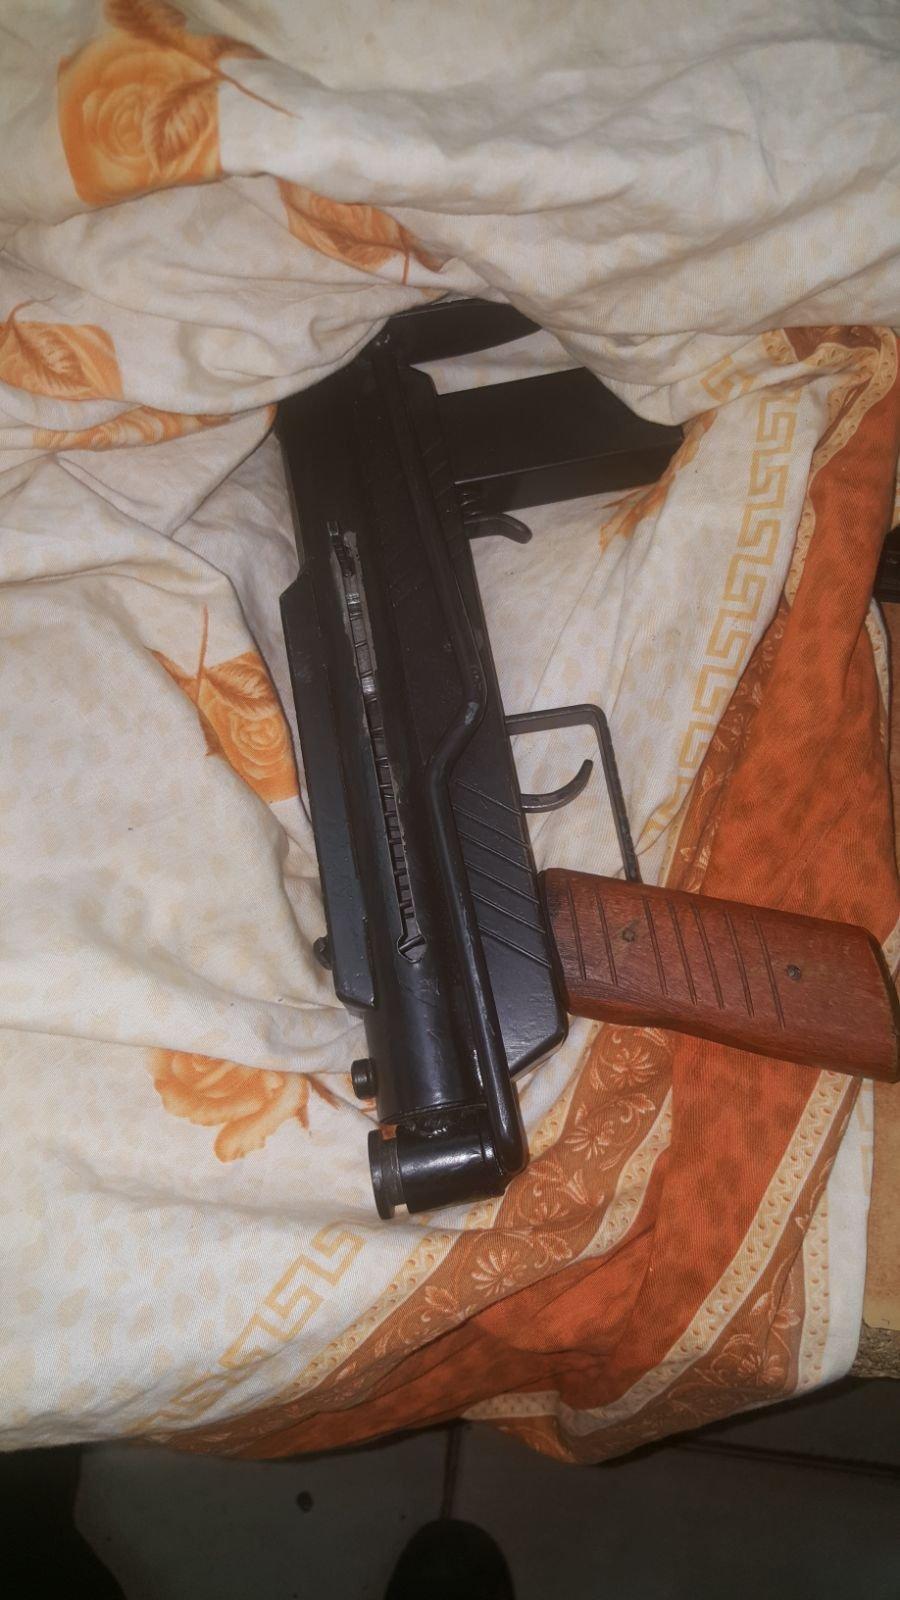 النقب: اعتقال 4 مشتبهين بشبهة حيازة السلاح والمخدرات